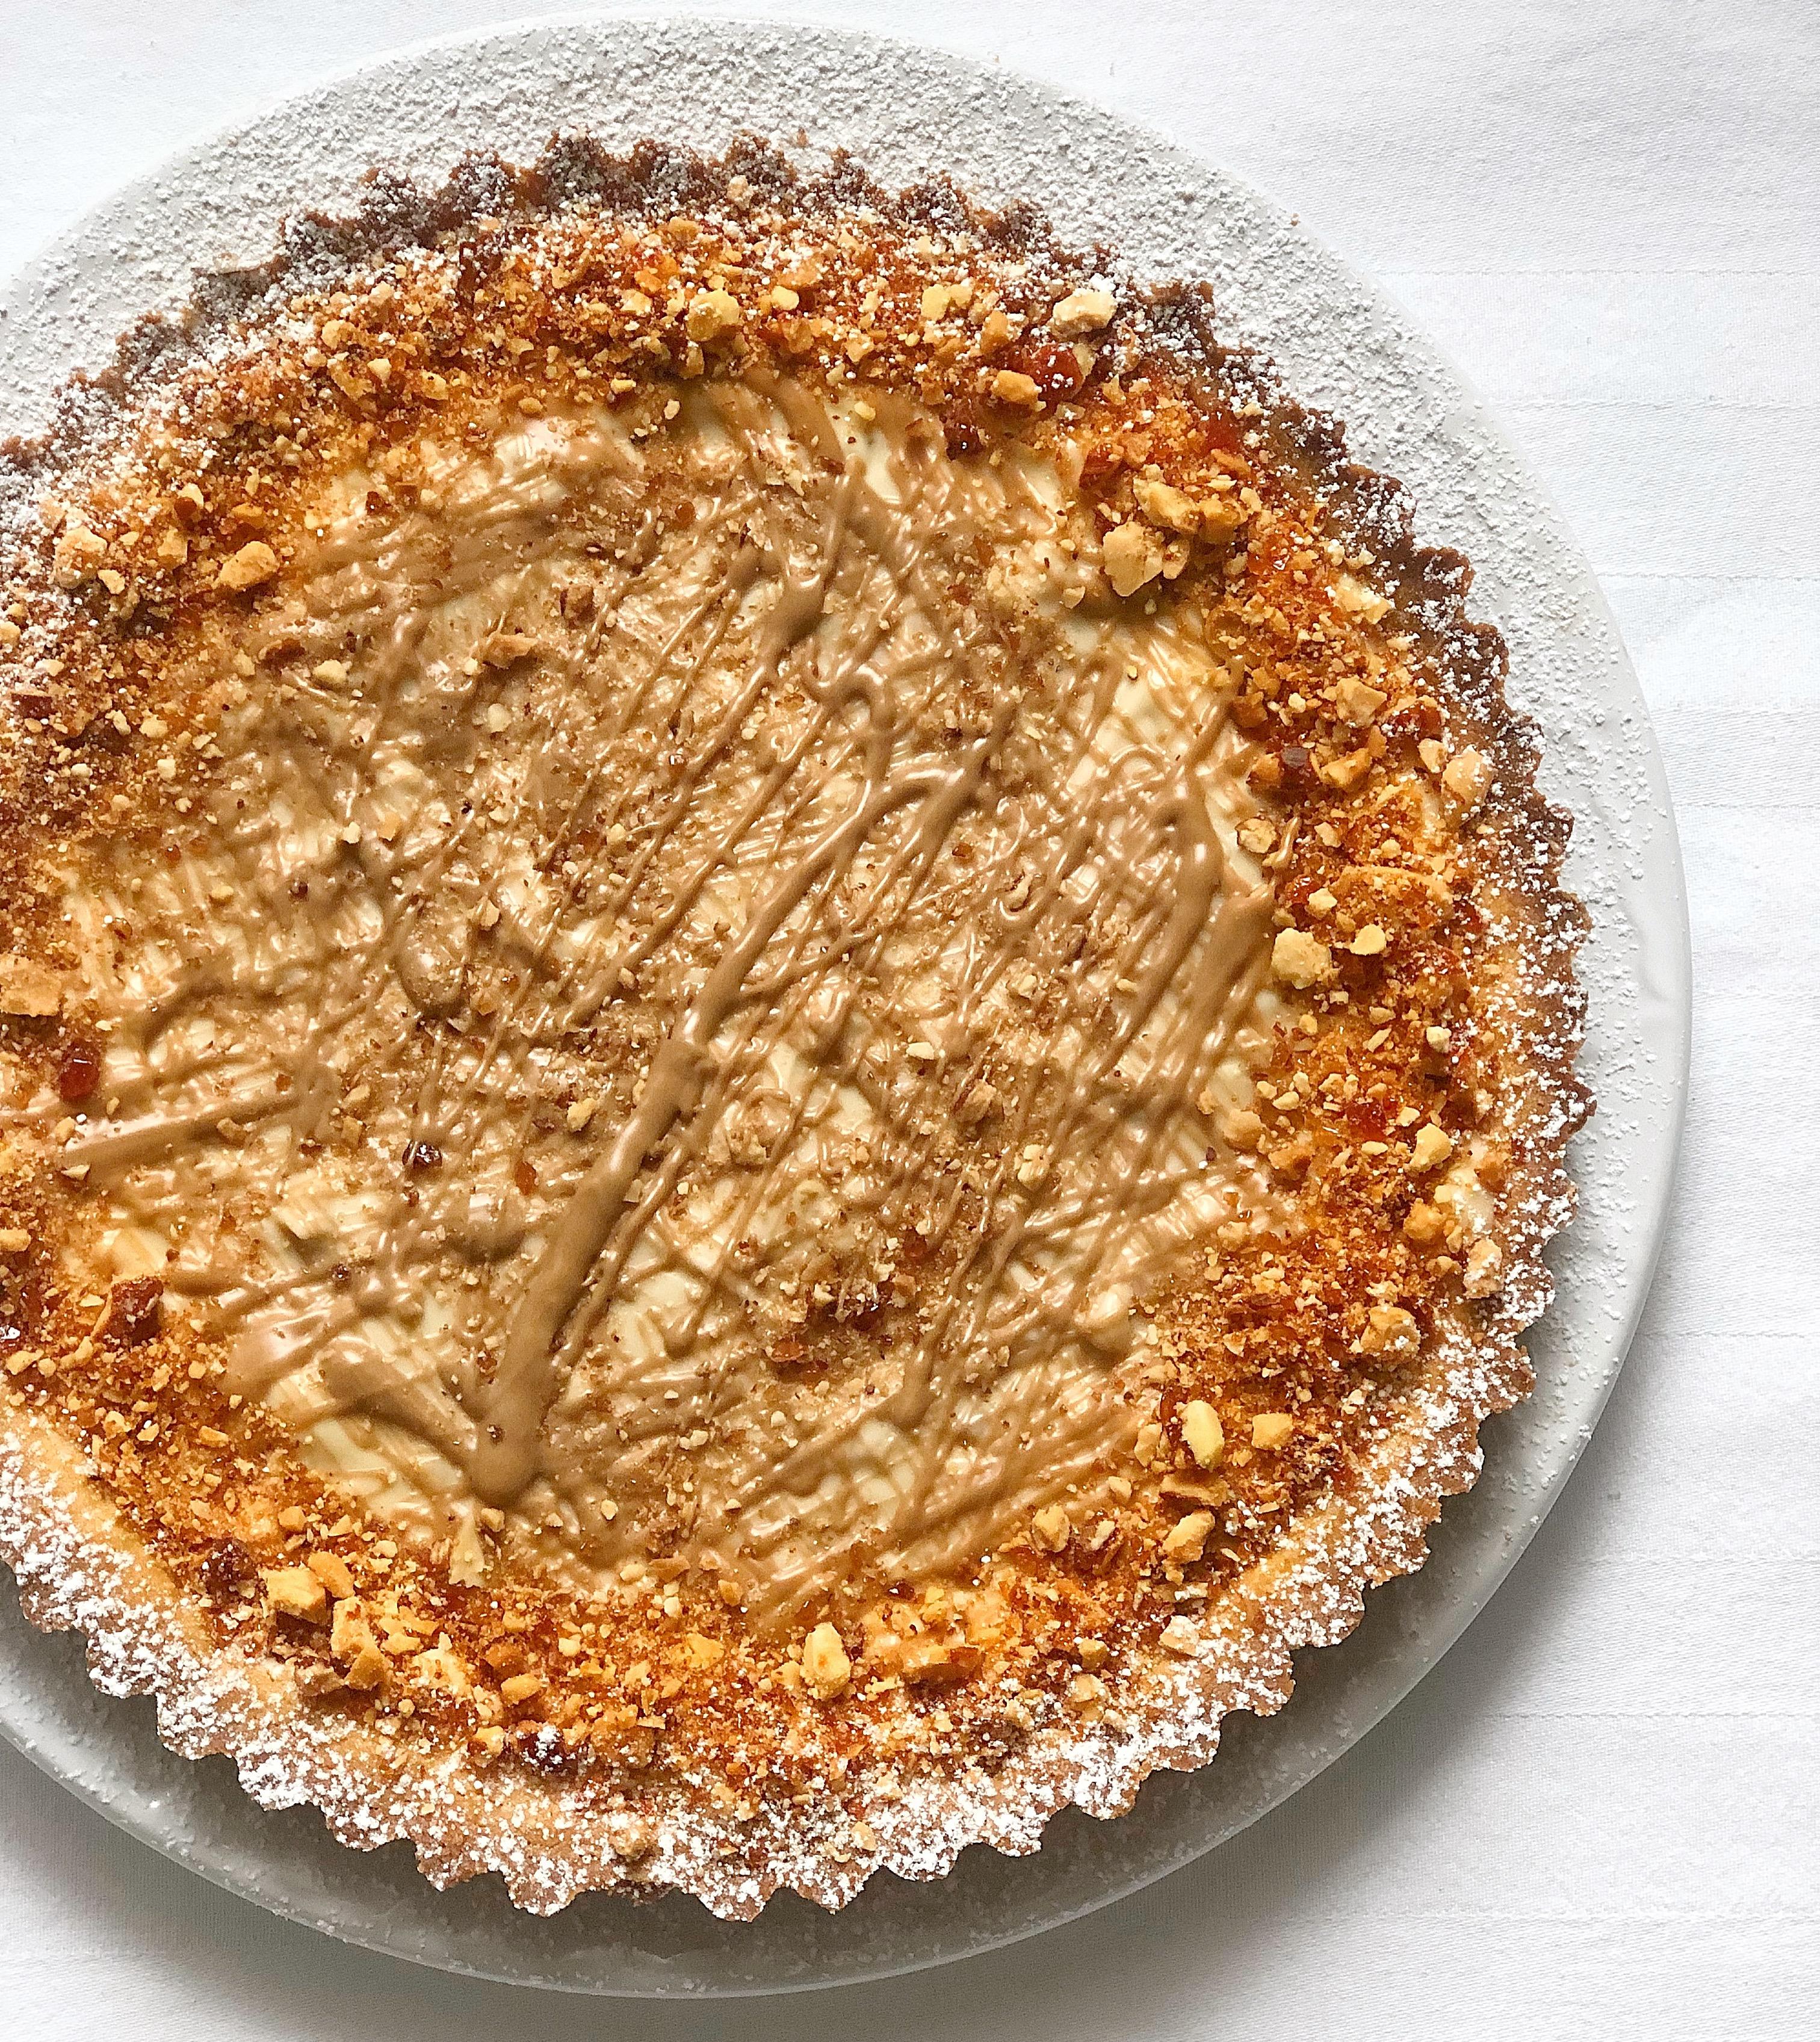 Crostata Croccante alle Mandorle Senza Burro, un dolce dal sapore deciso e avvolgente di dolci senza burro